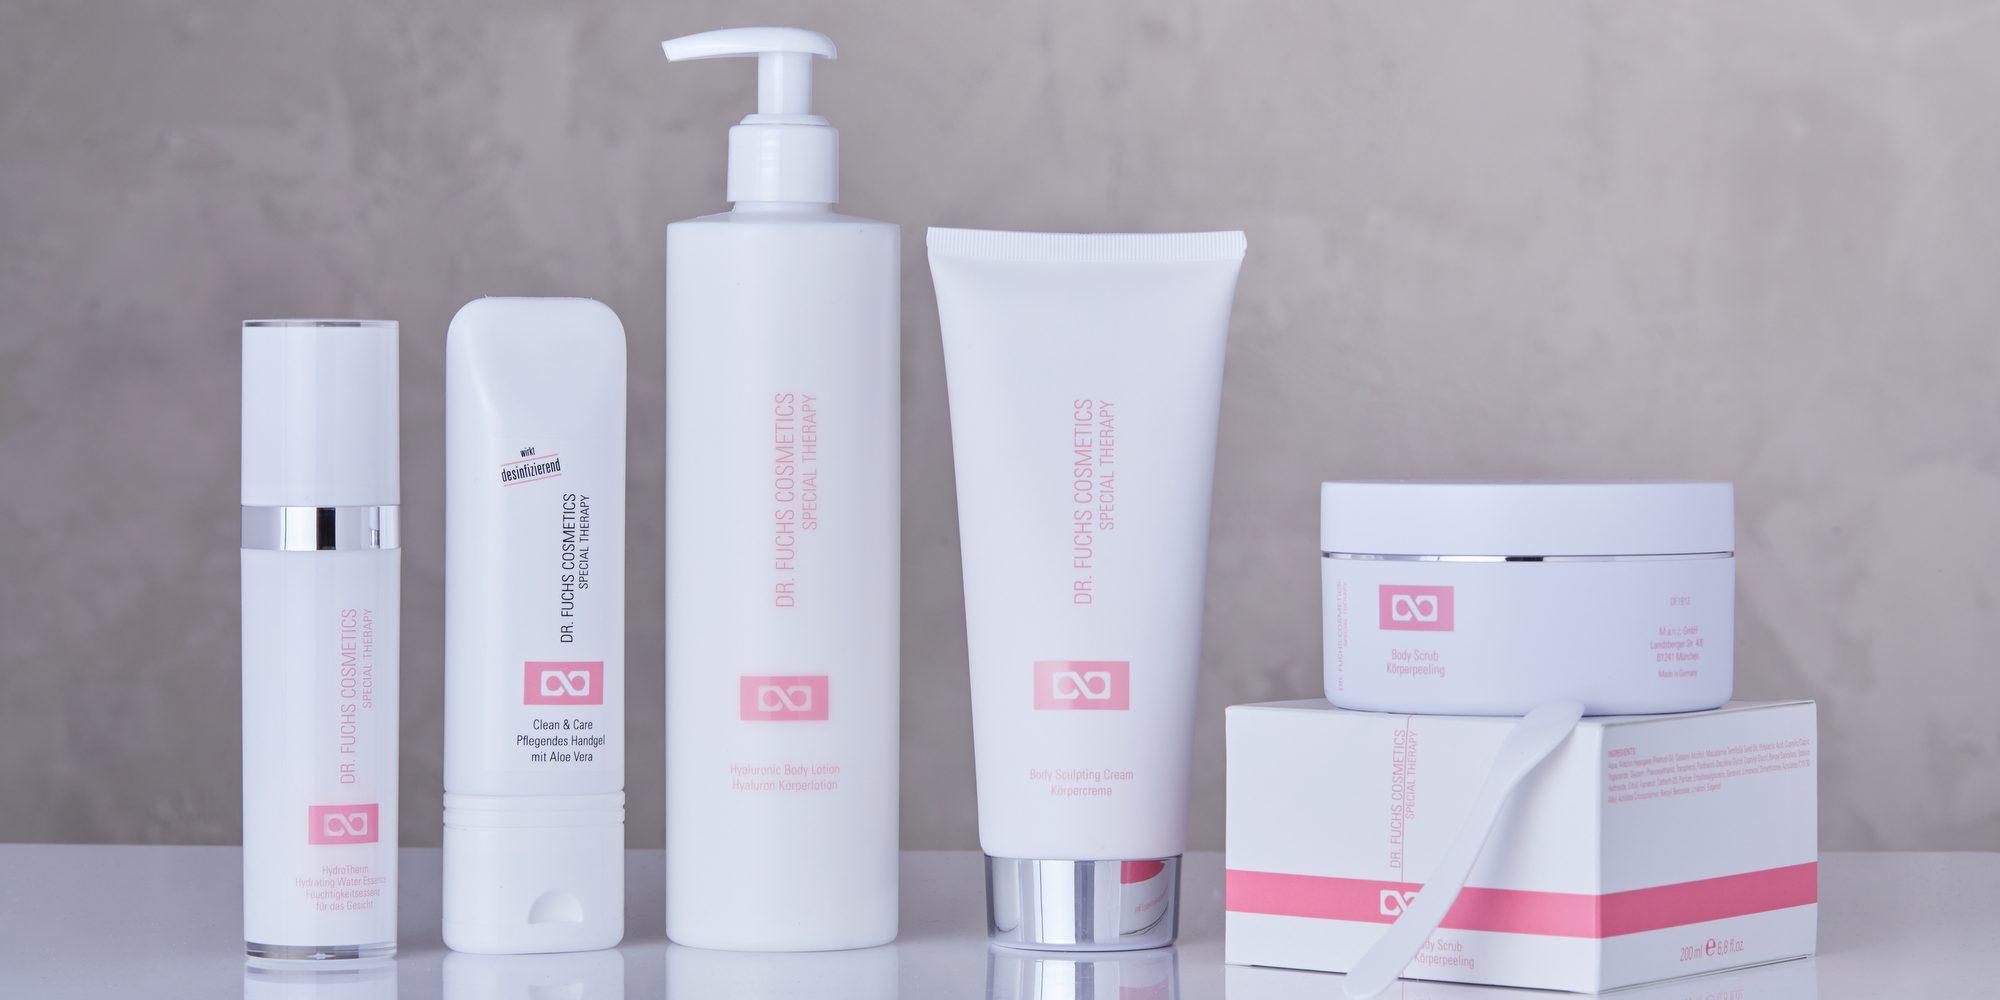 Produktfoto aller Produkte der Dr. Fuchs Cosmetics Special Therapy